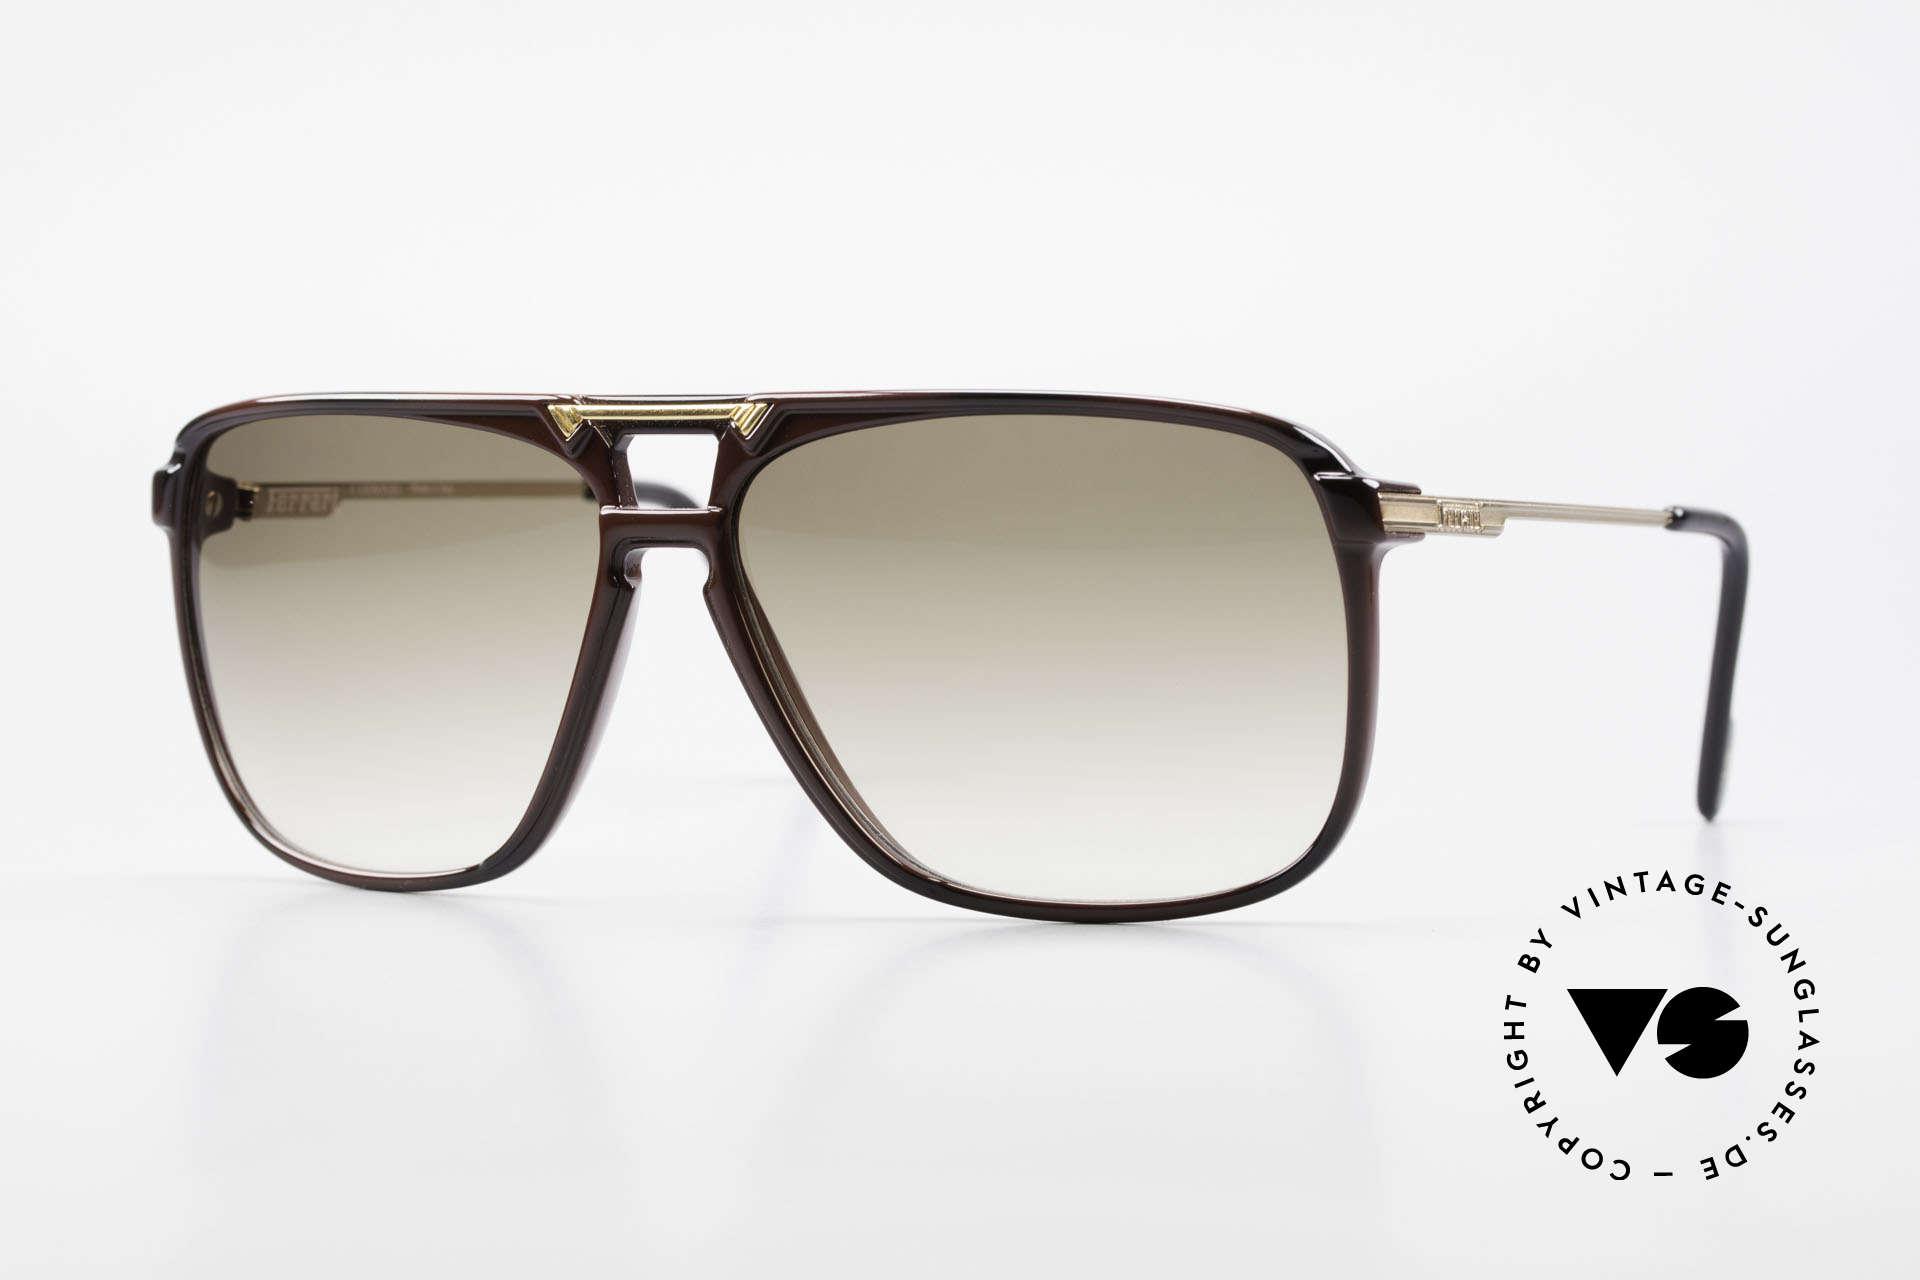 Ferrari F36/S 90's Men's Carbon Sunglasses, luxury carbon sunglasses by Ferrari from the 1990's, Made for Men